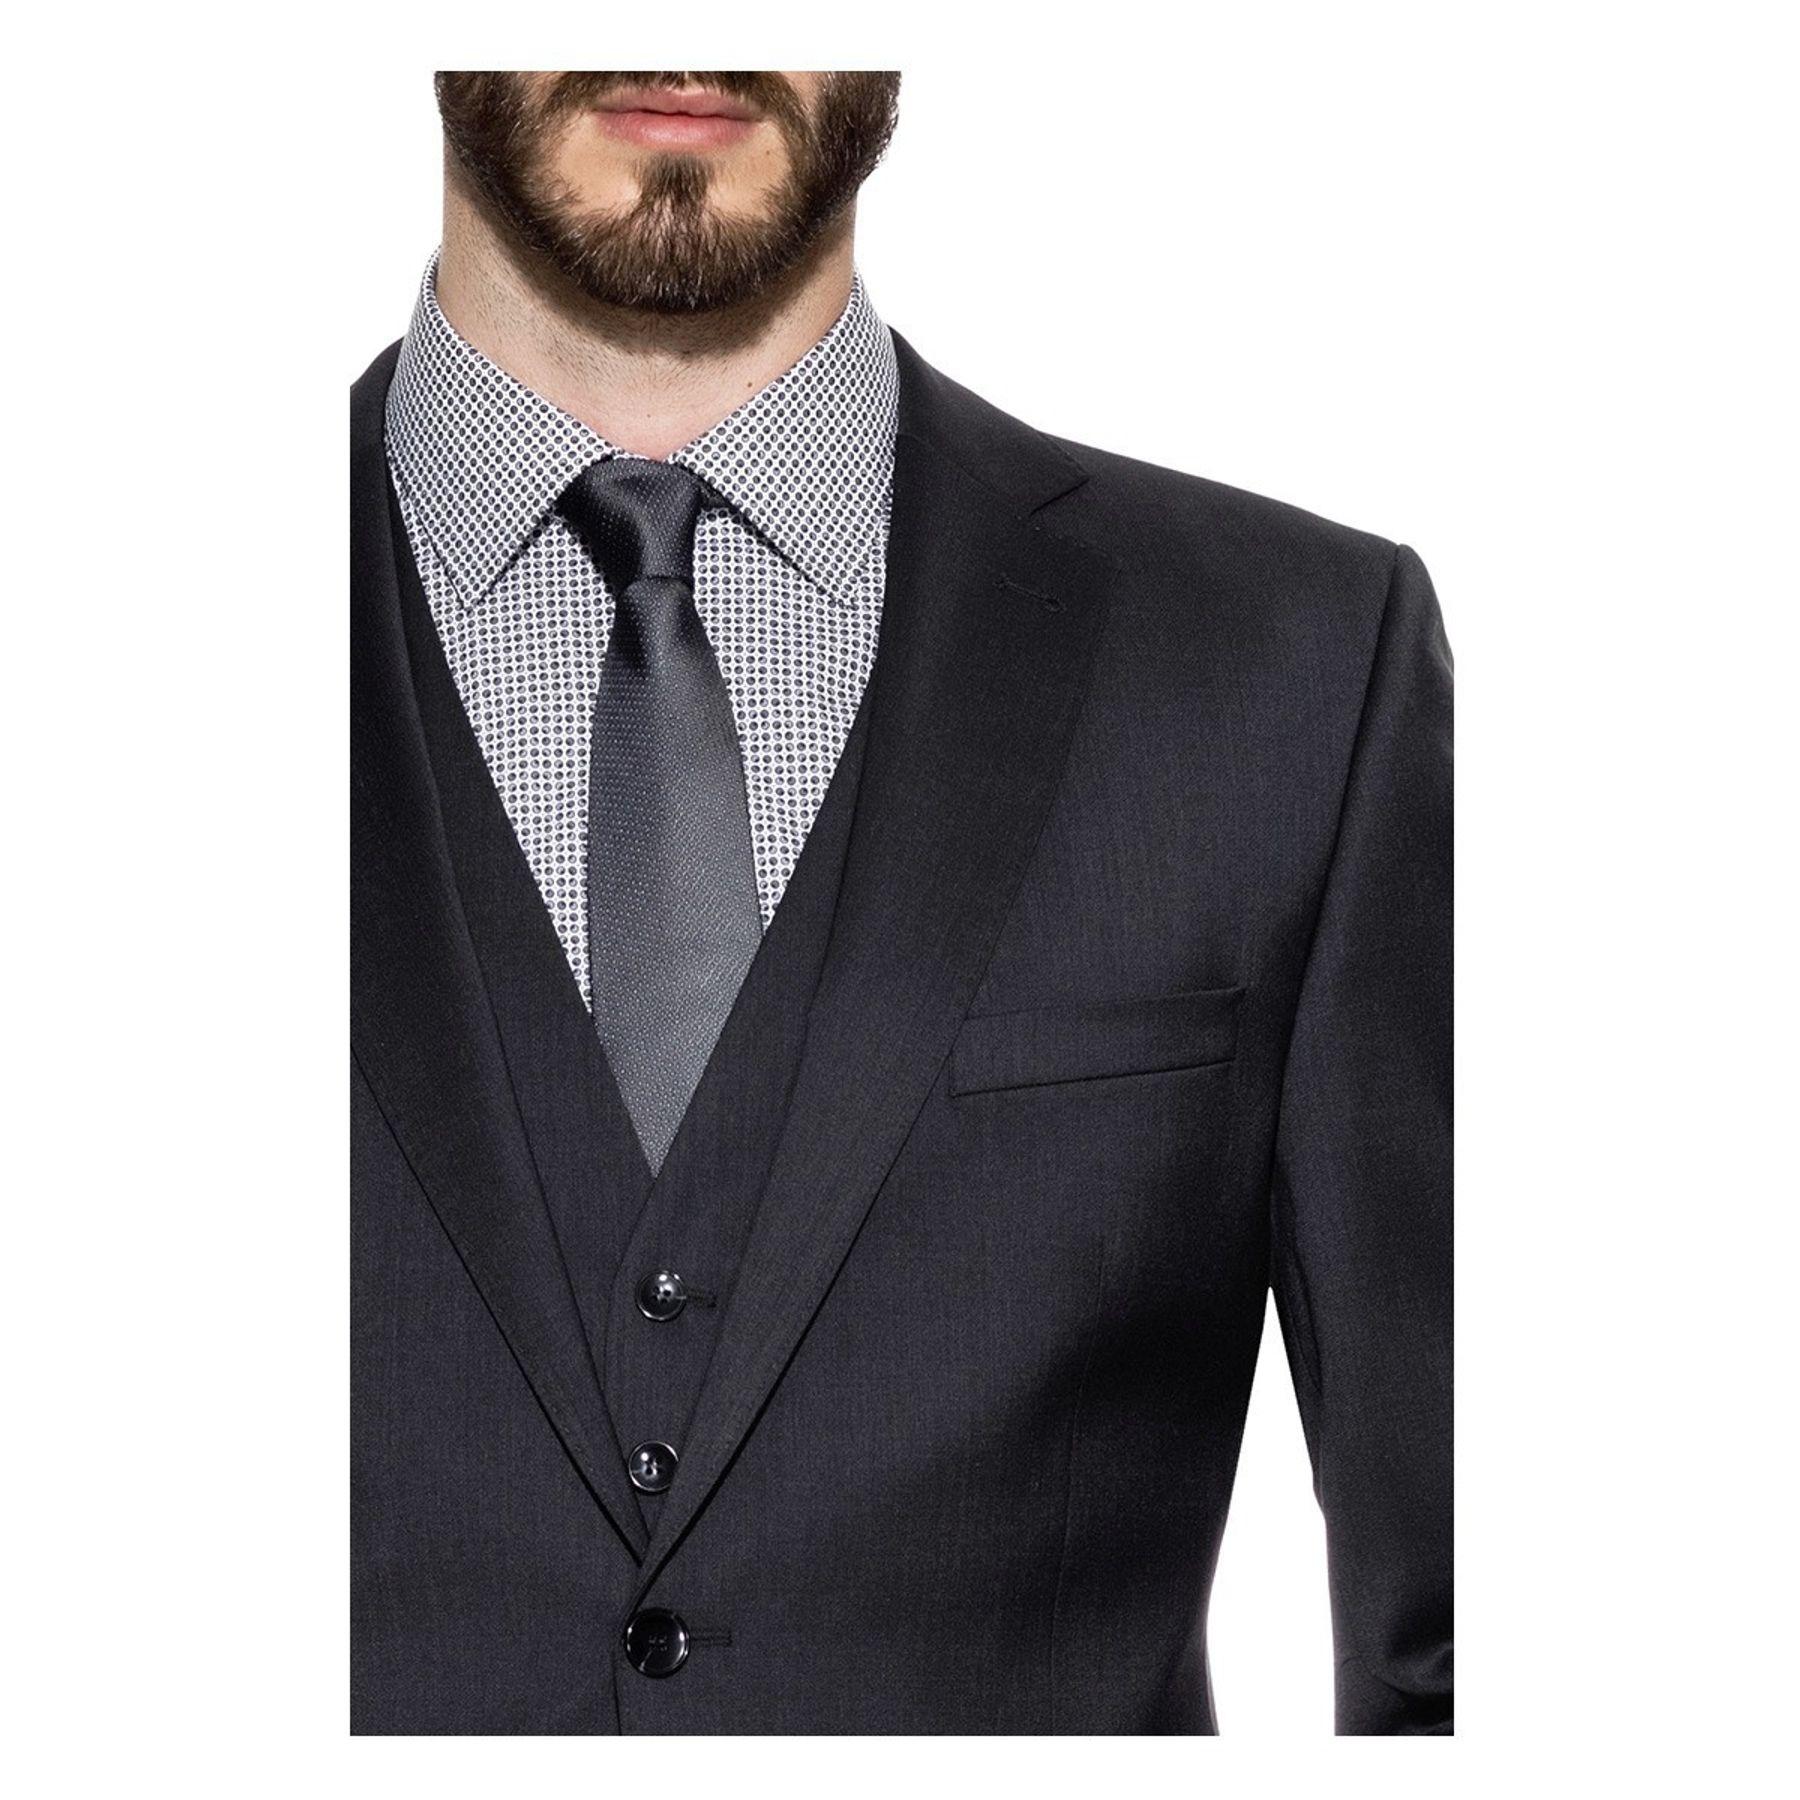 Benvenuto Black - Modern Fit -  Herren Baukasten Anzug aus Super 110'S Schurwolle in verschiedenen Farben (20761) – Bild 3